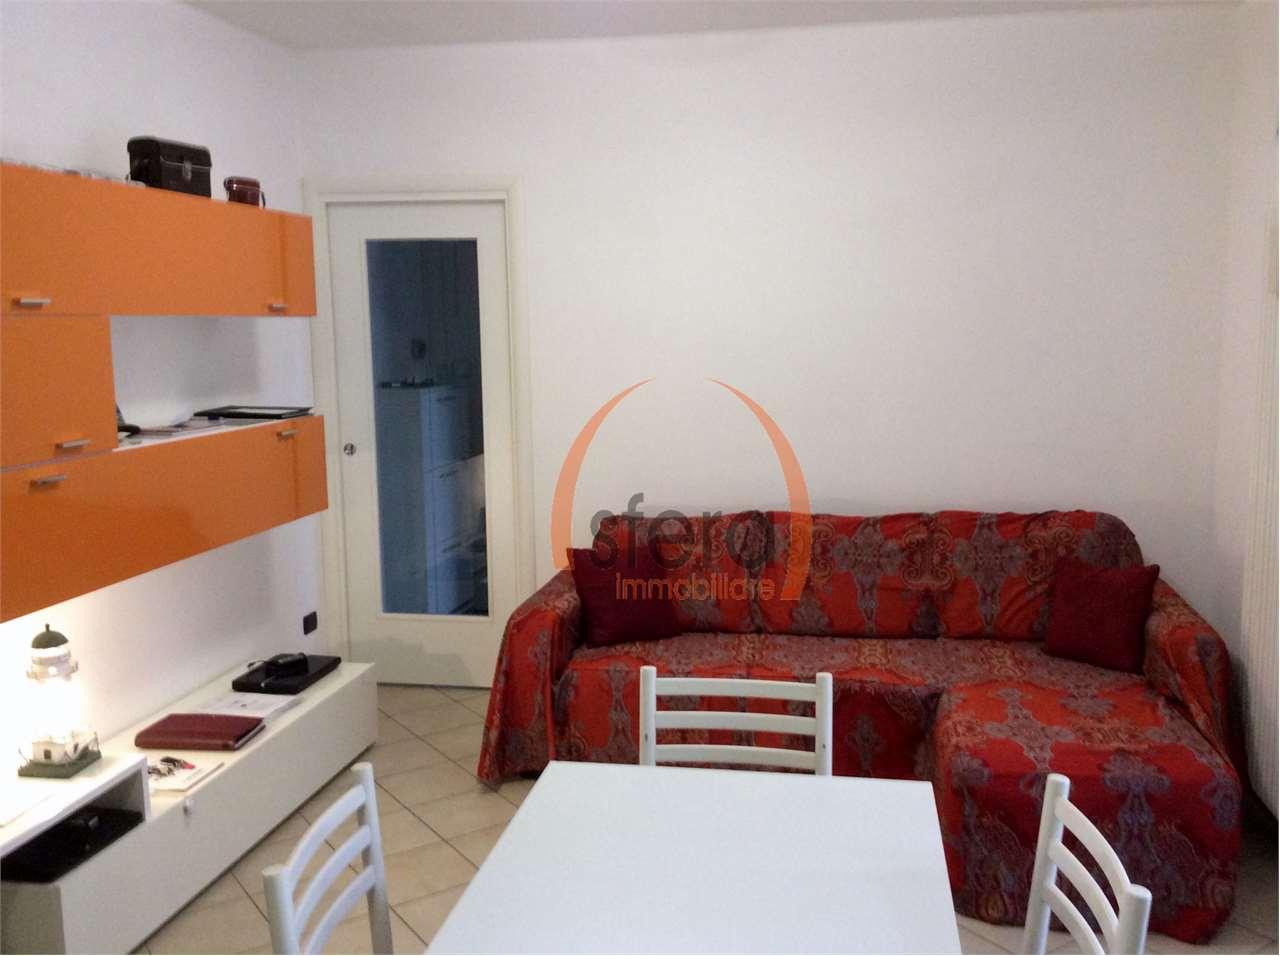 Appartamento in vendita a Borgo Virgilio, 2 locali, zona Località: Virgilio, prezzo € 75.000 | Cambio Casa.it